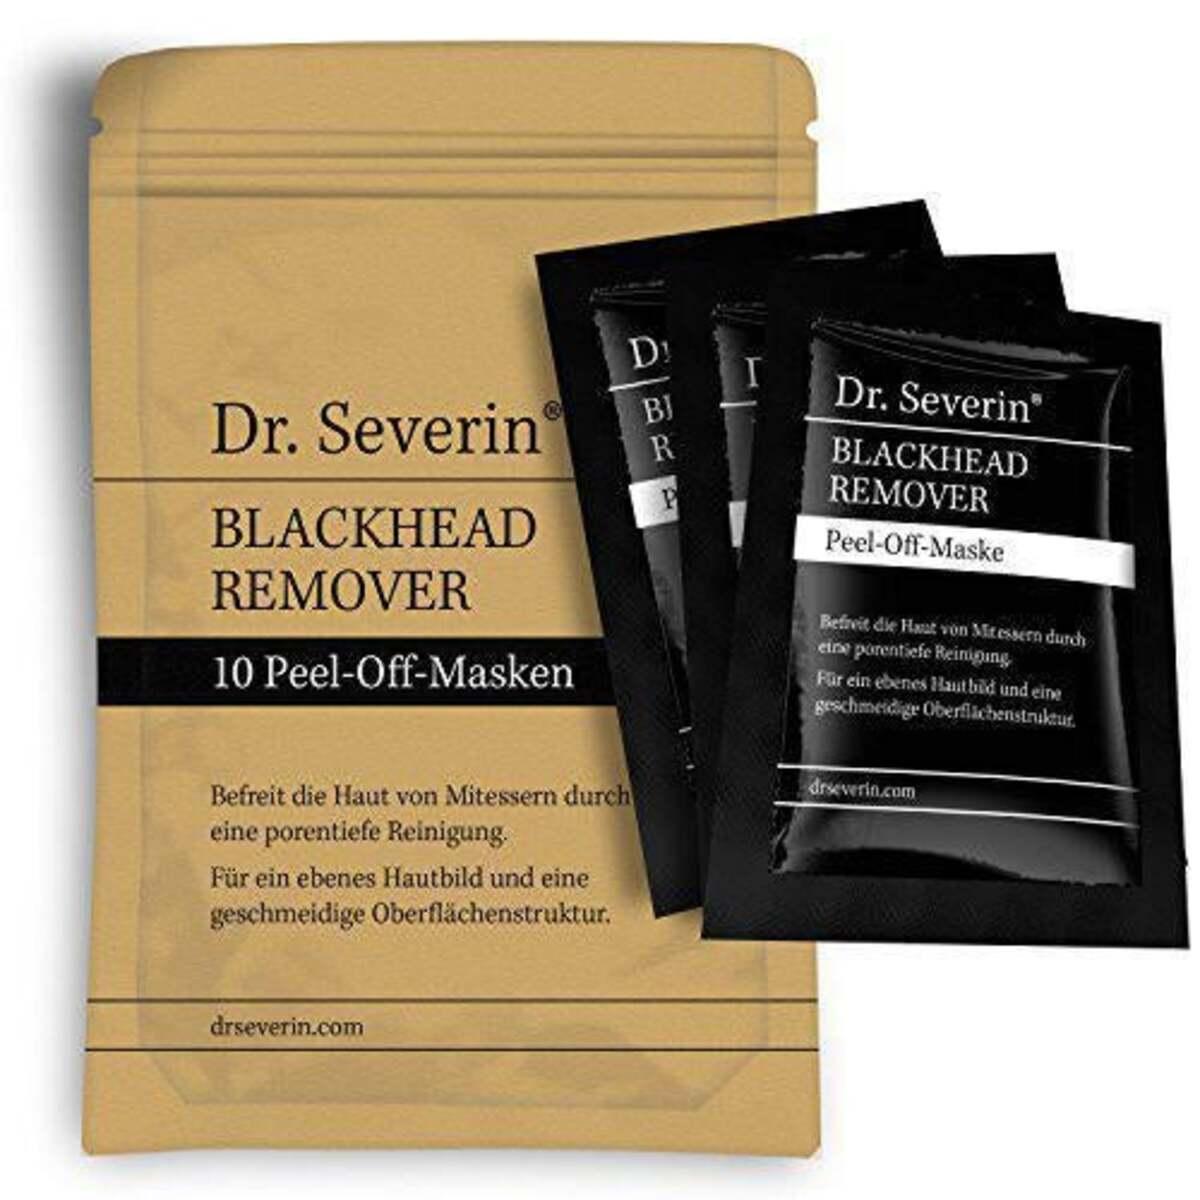 Bild 4 von Dr. Severin® Blackhead Remover Peel-Off-Masken 24.98 EUR/100 g